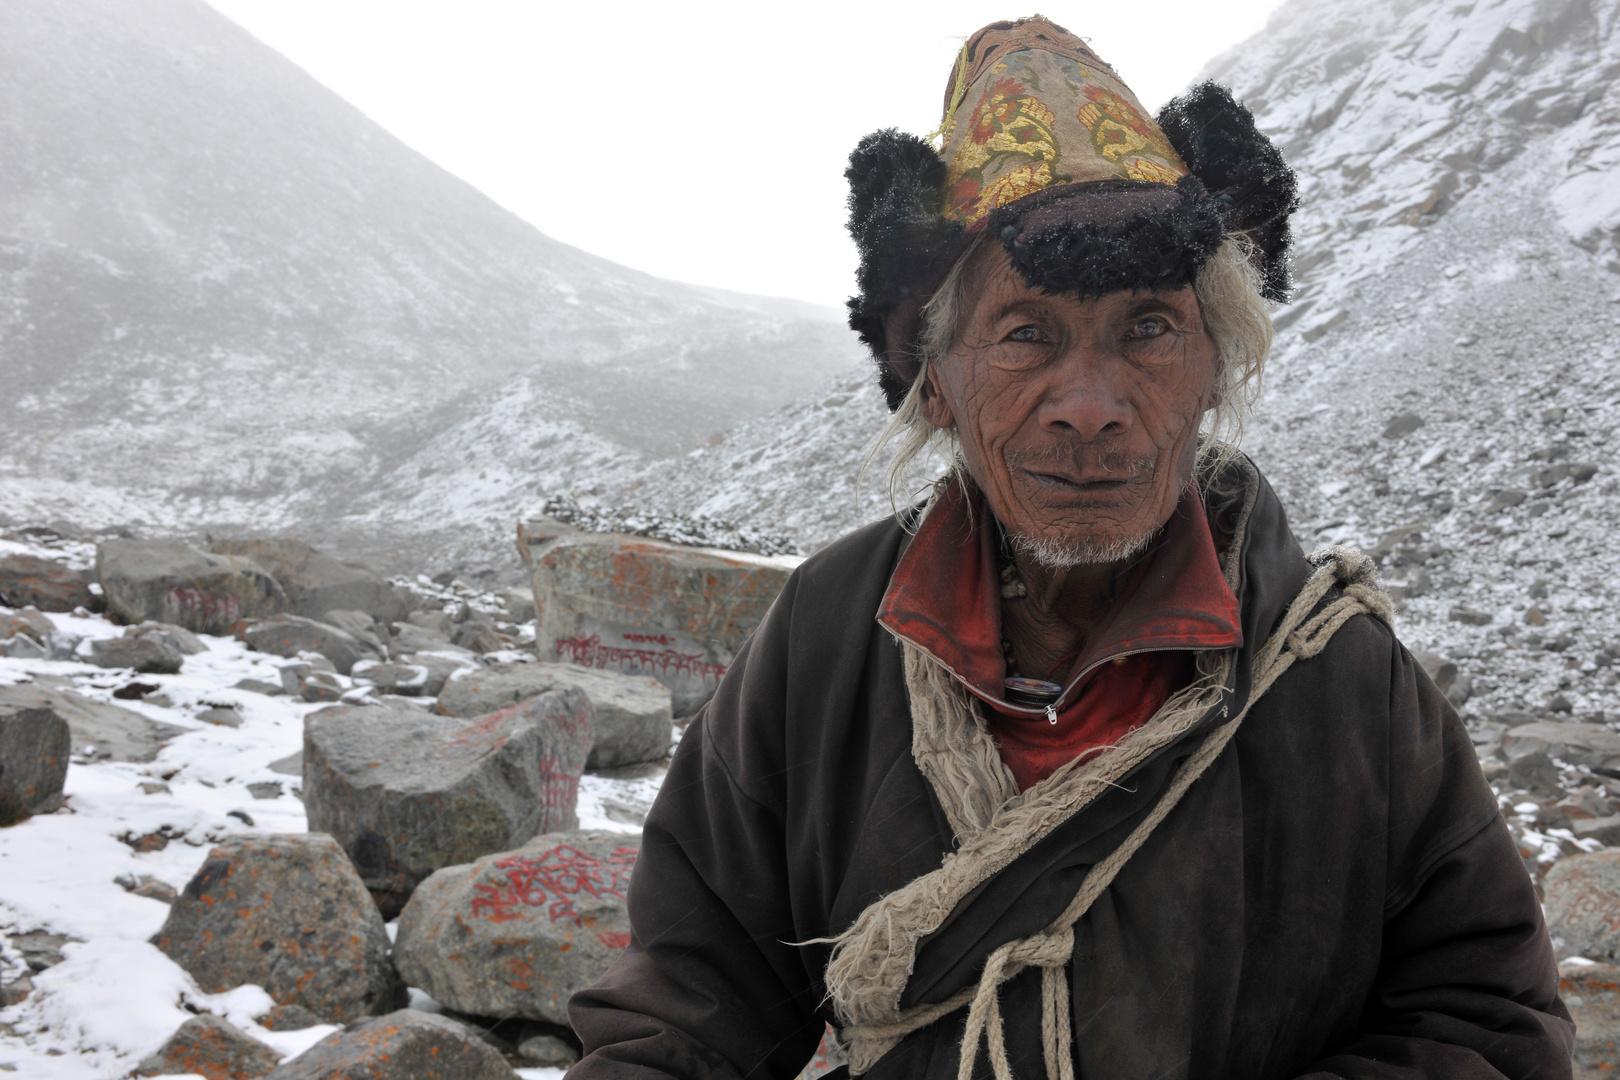 Auf Pilgerreise am Kailash